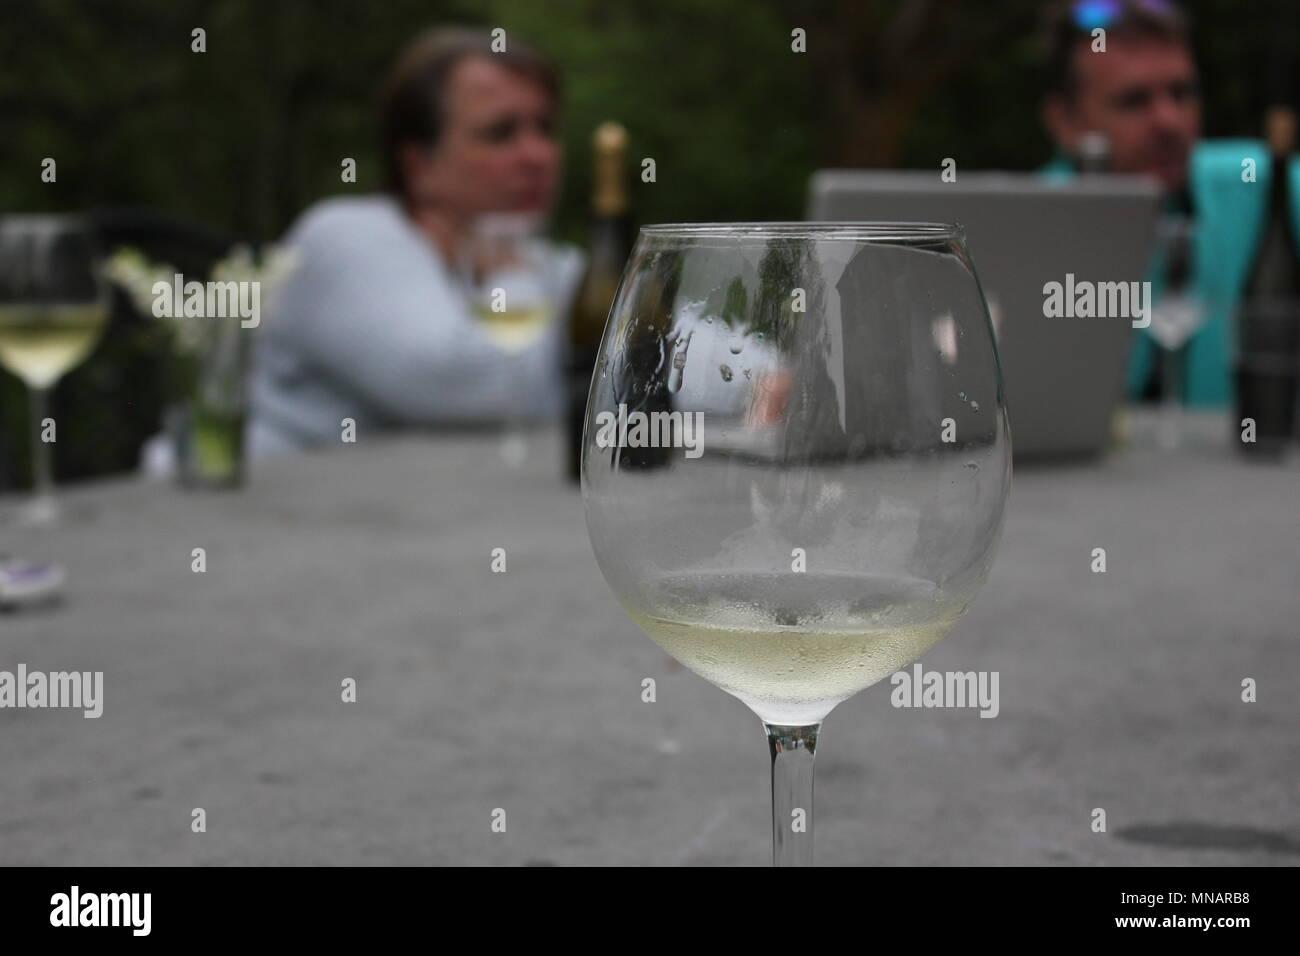 Reunión al aire libre de gente riendo delante de un ordenador con una copa de vino en el primer plano. Imagen De Stock